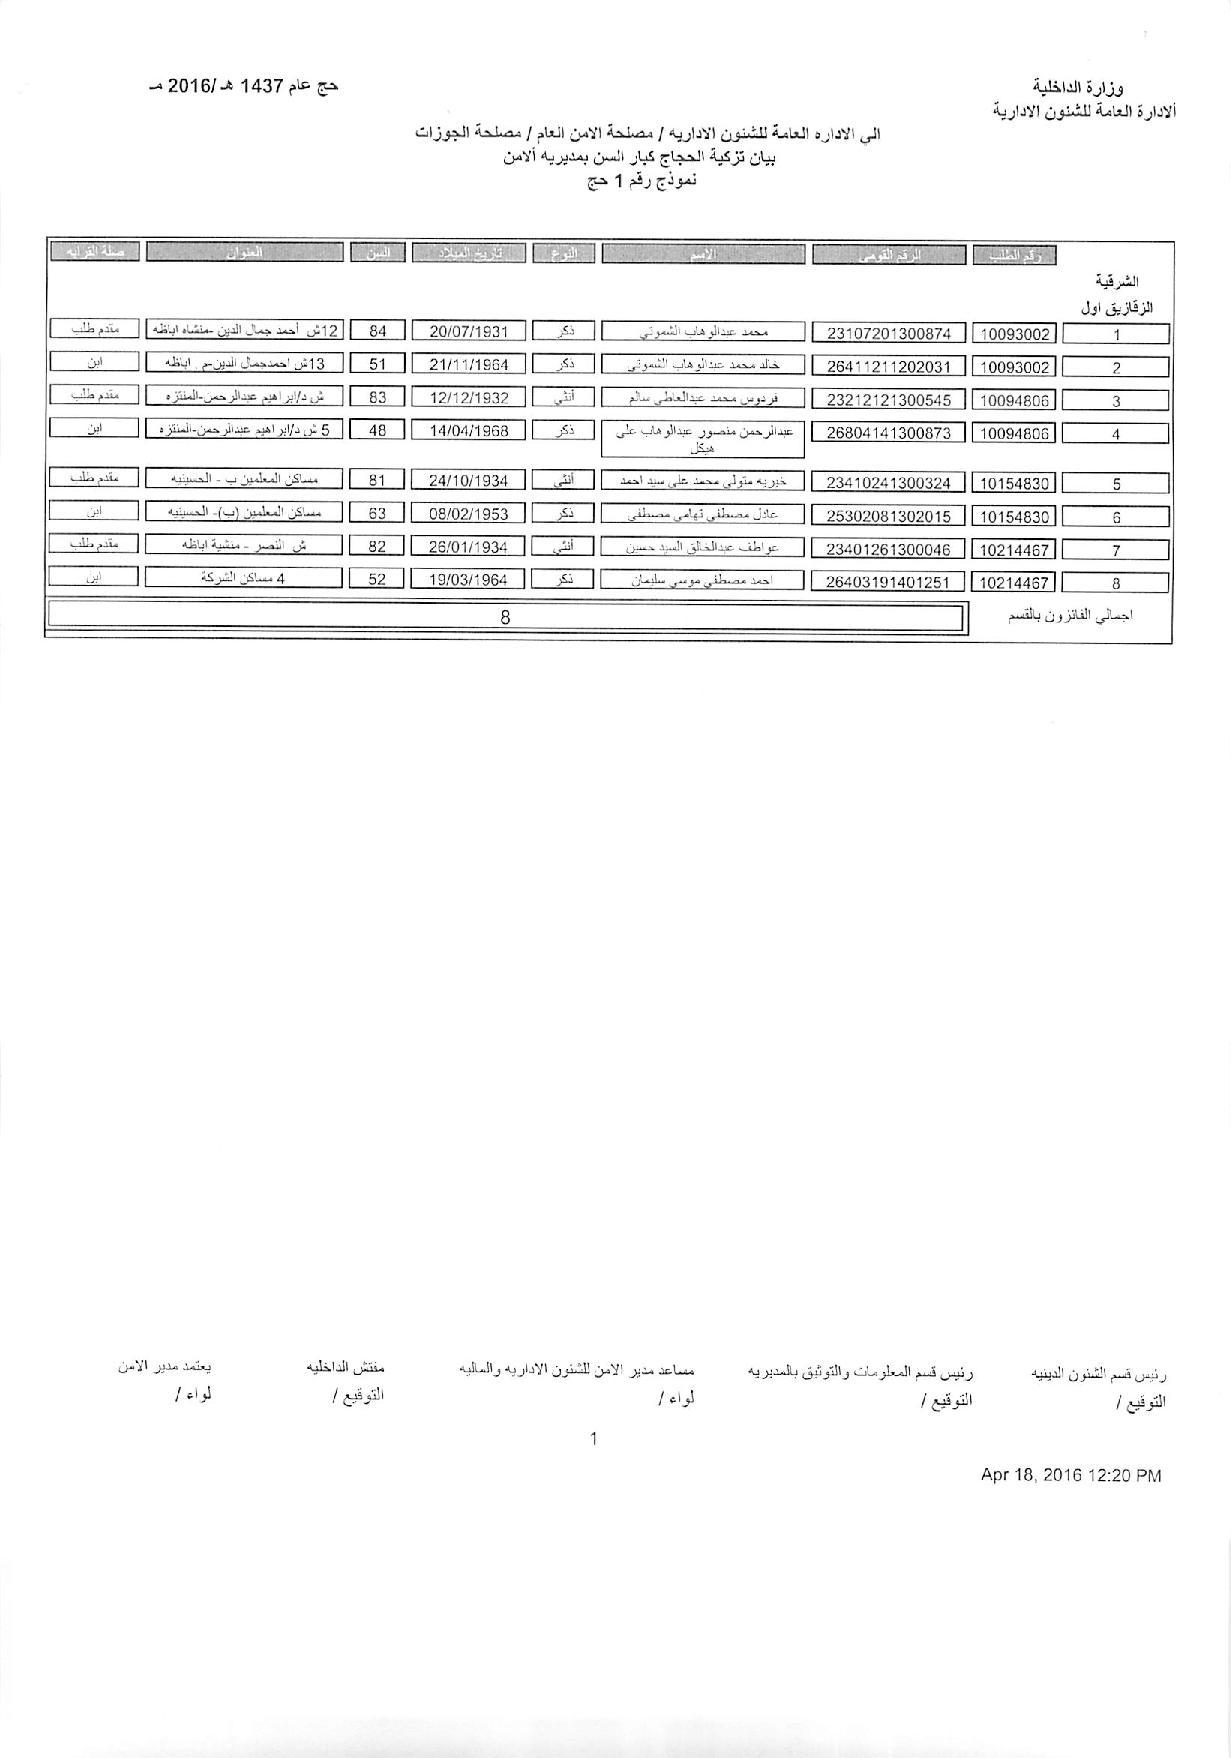 اسماء الحجاج الفائزون بالقرعة لعام 1437هـ 2016م (3)